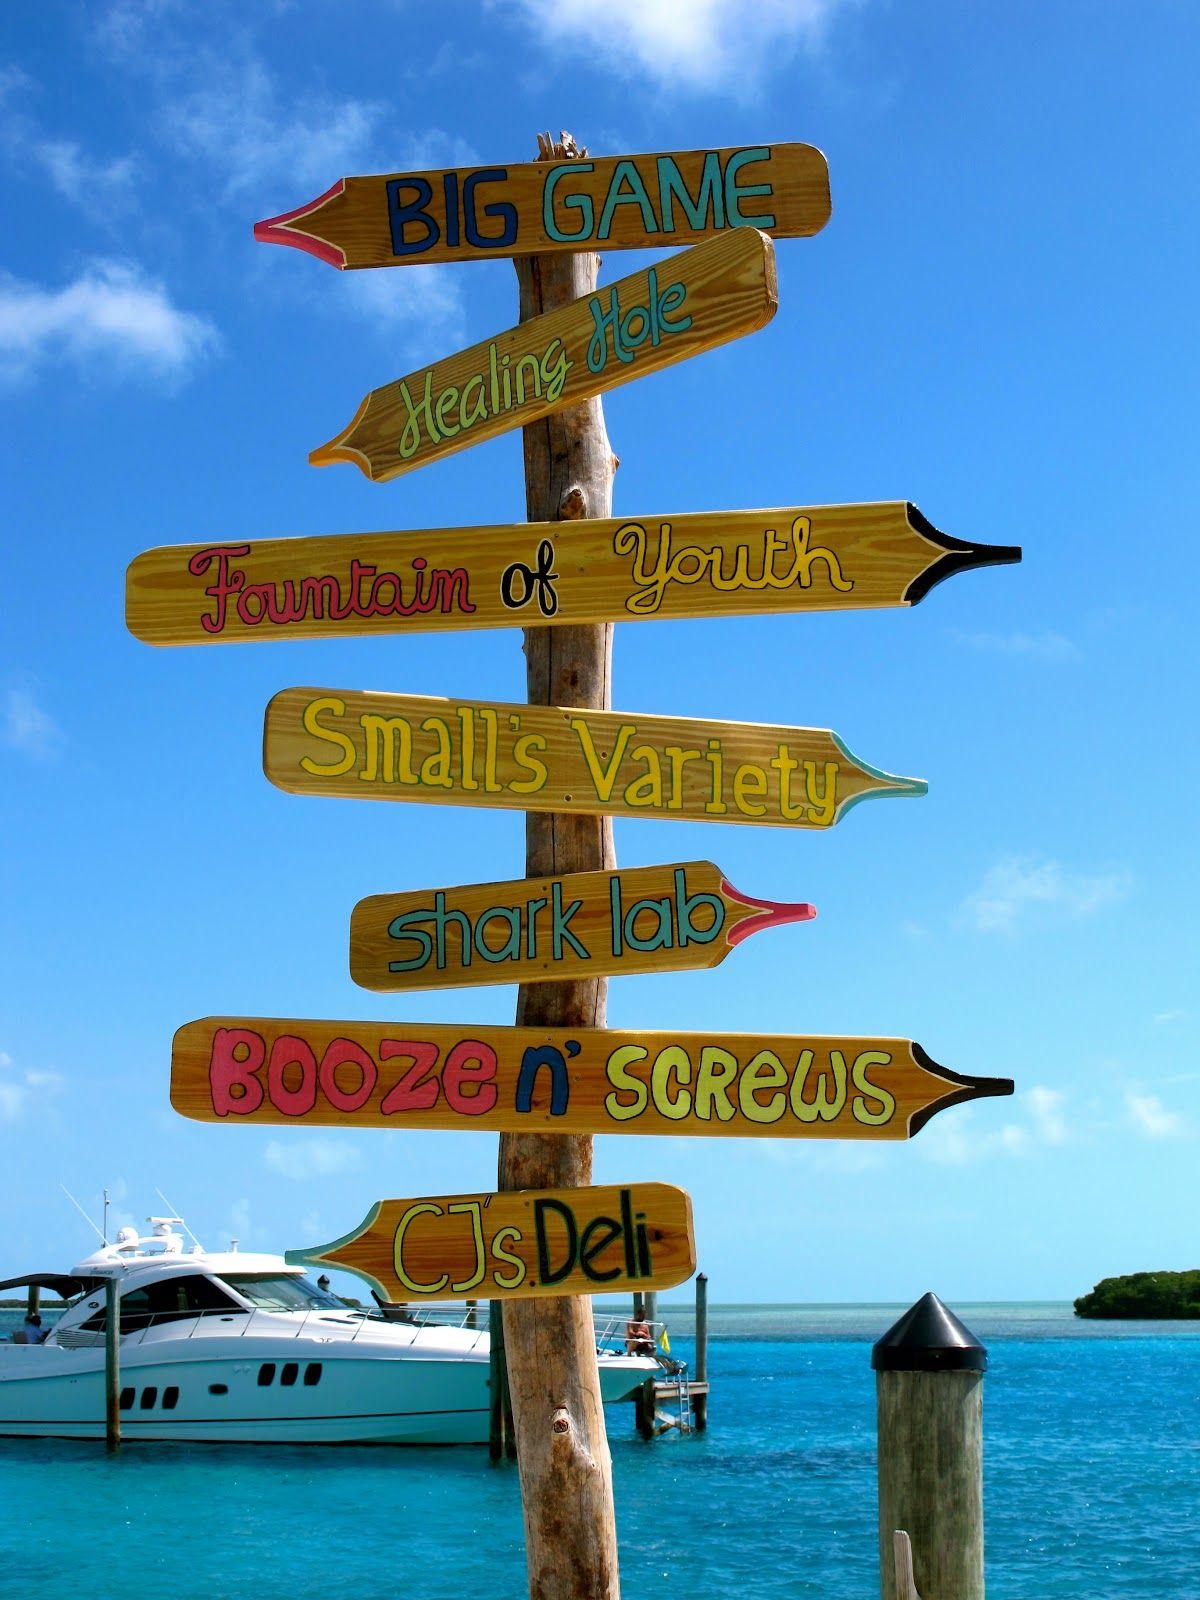 Bimini famous bars famous bar beach bars beach signs tropical beaches conch